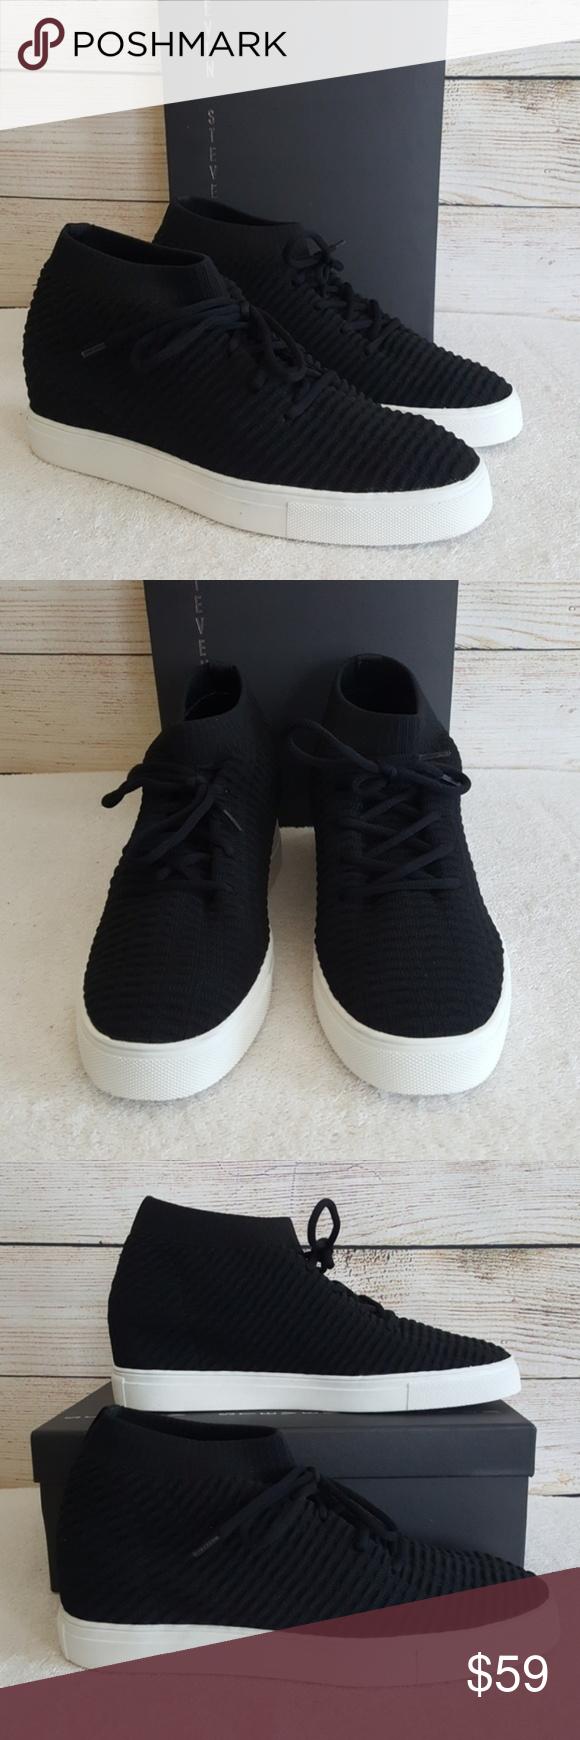 ee2e15d97815 New Steven by Steve Madden Carin Wedge Sneaker New... never worn 2.5